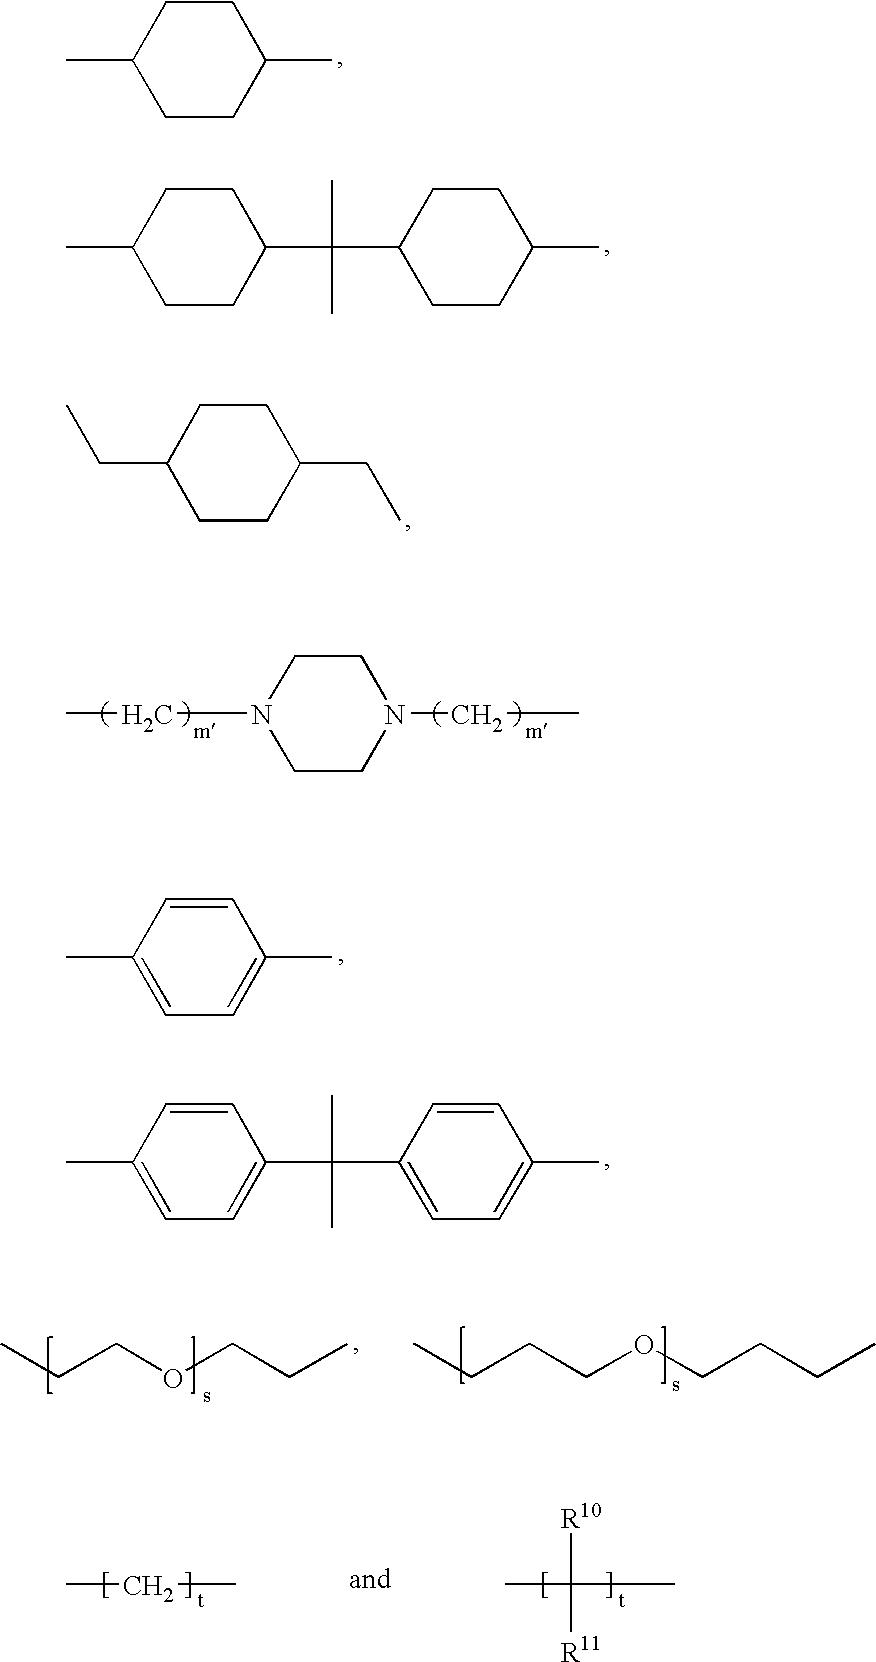 Figure US20060235084A1-20061019-C00020